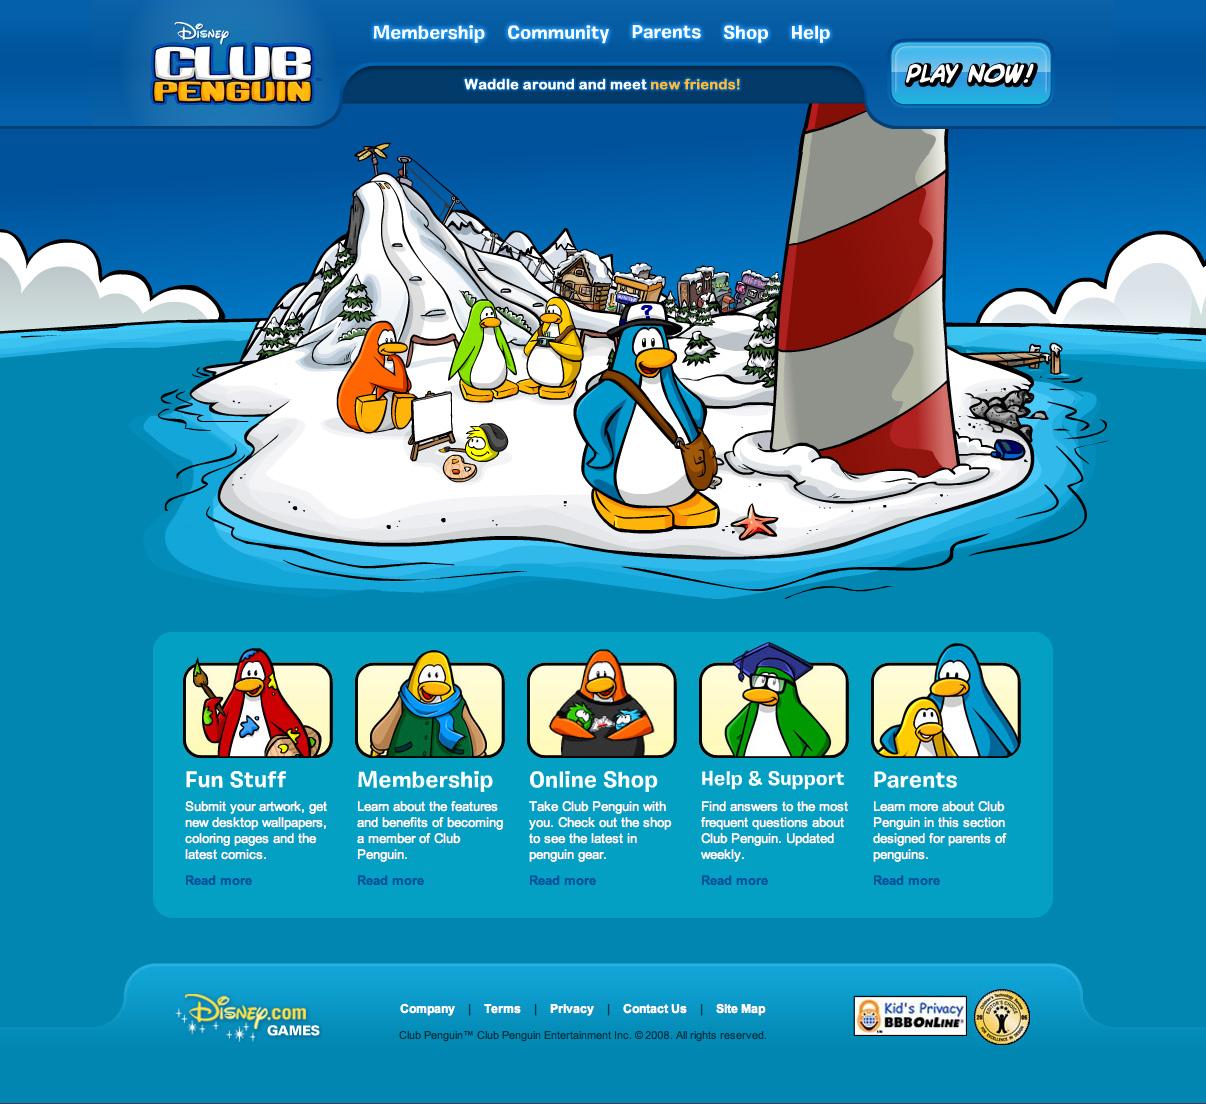 Club Penguin image